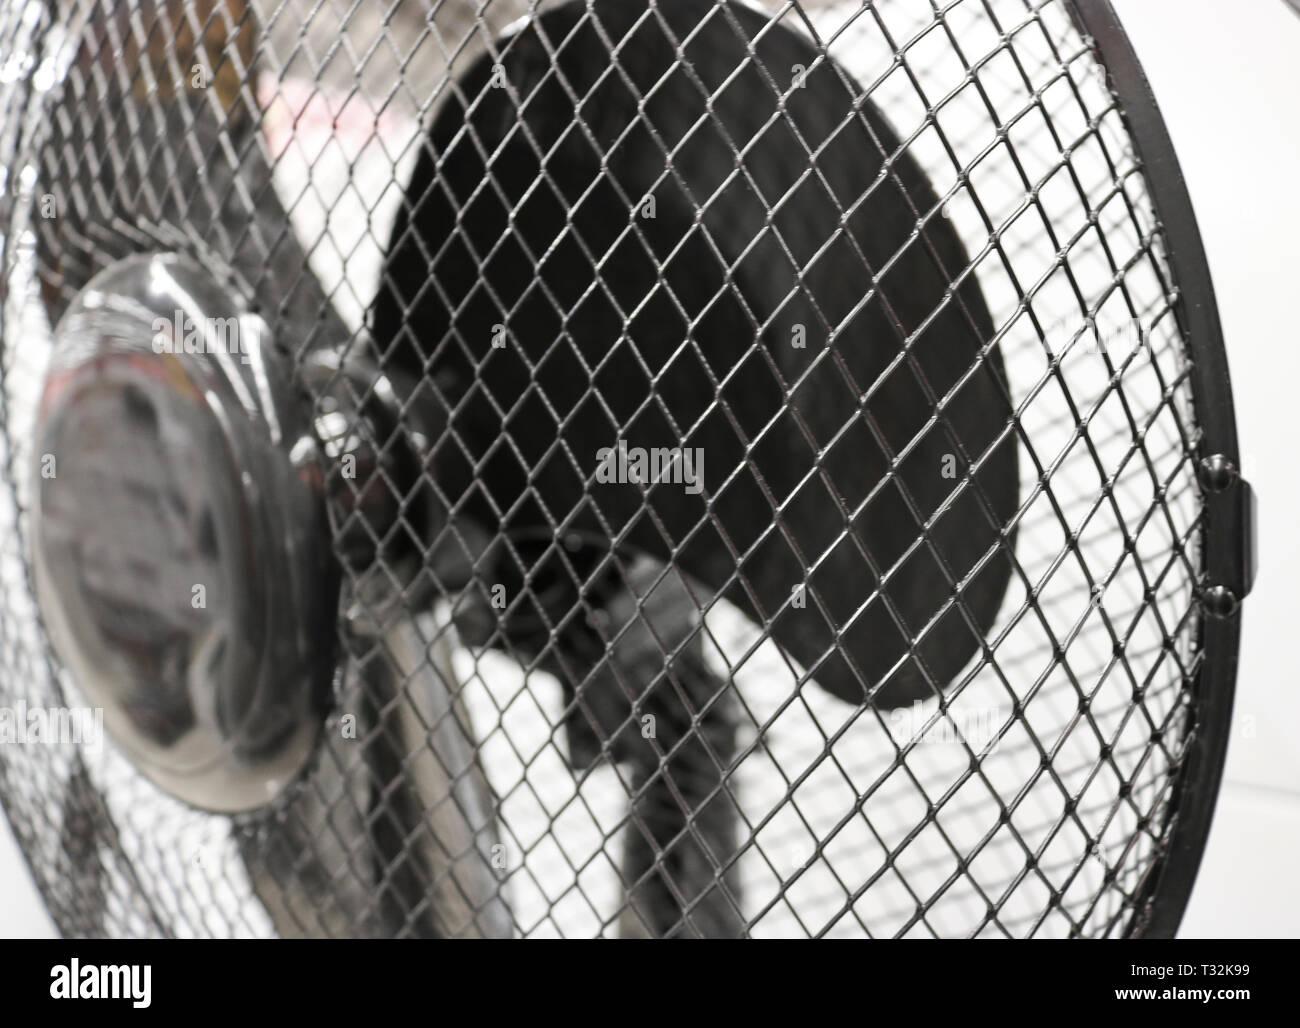 Schutzgitter für Lüfter close-up Stockbild